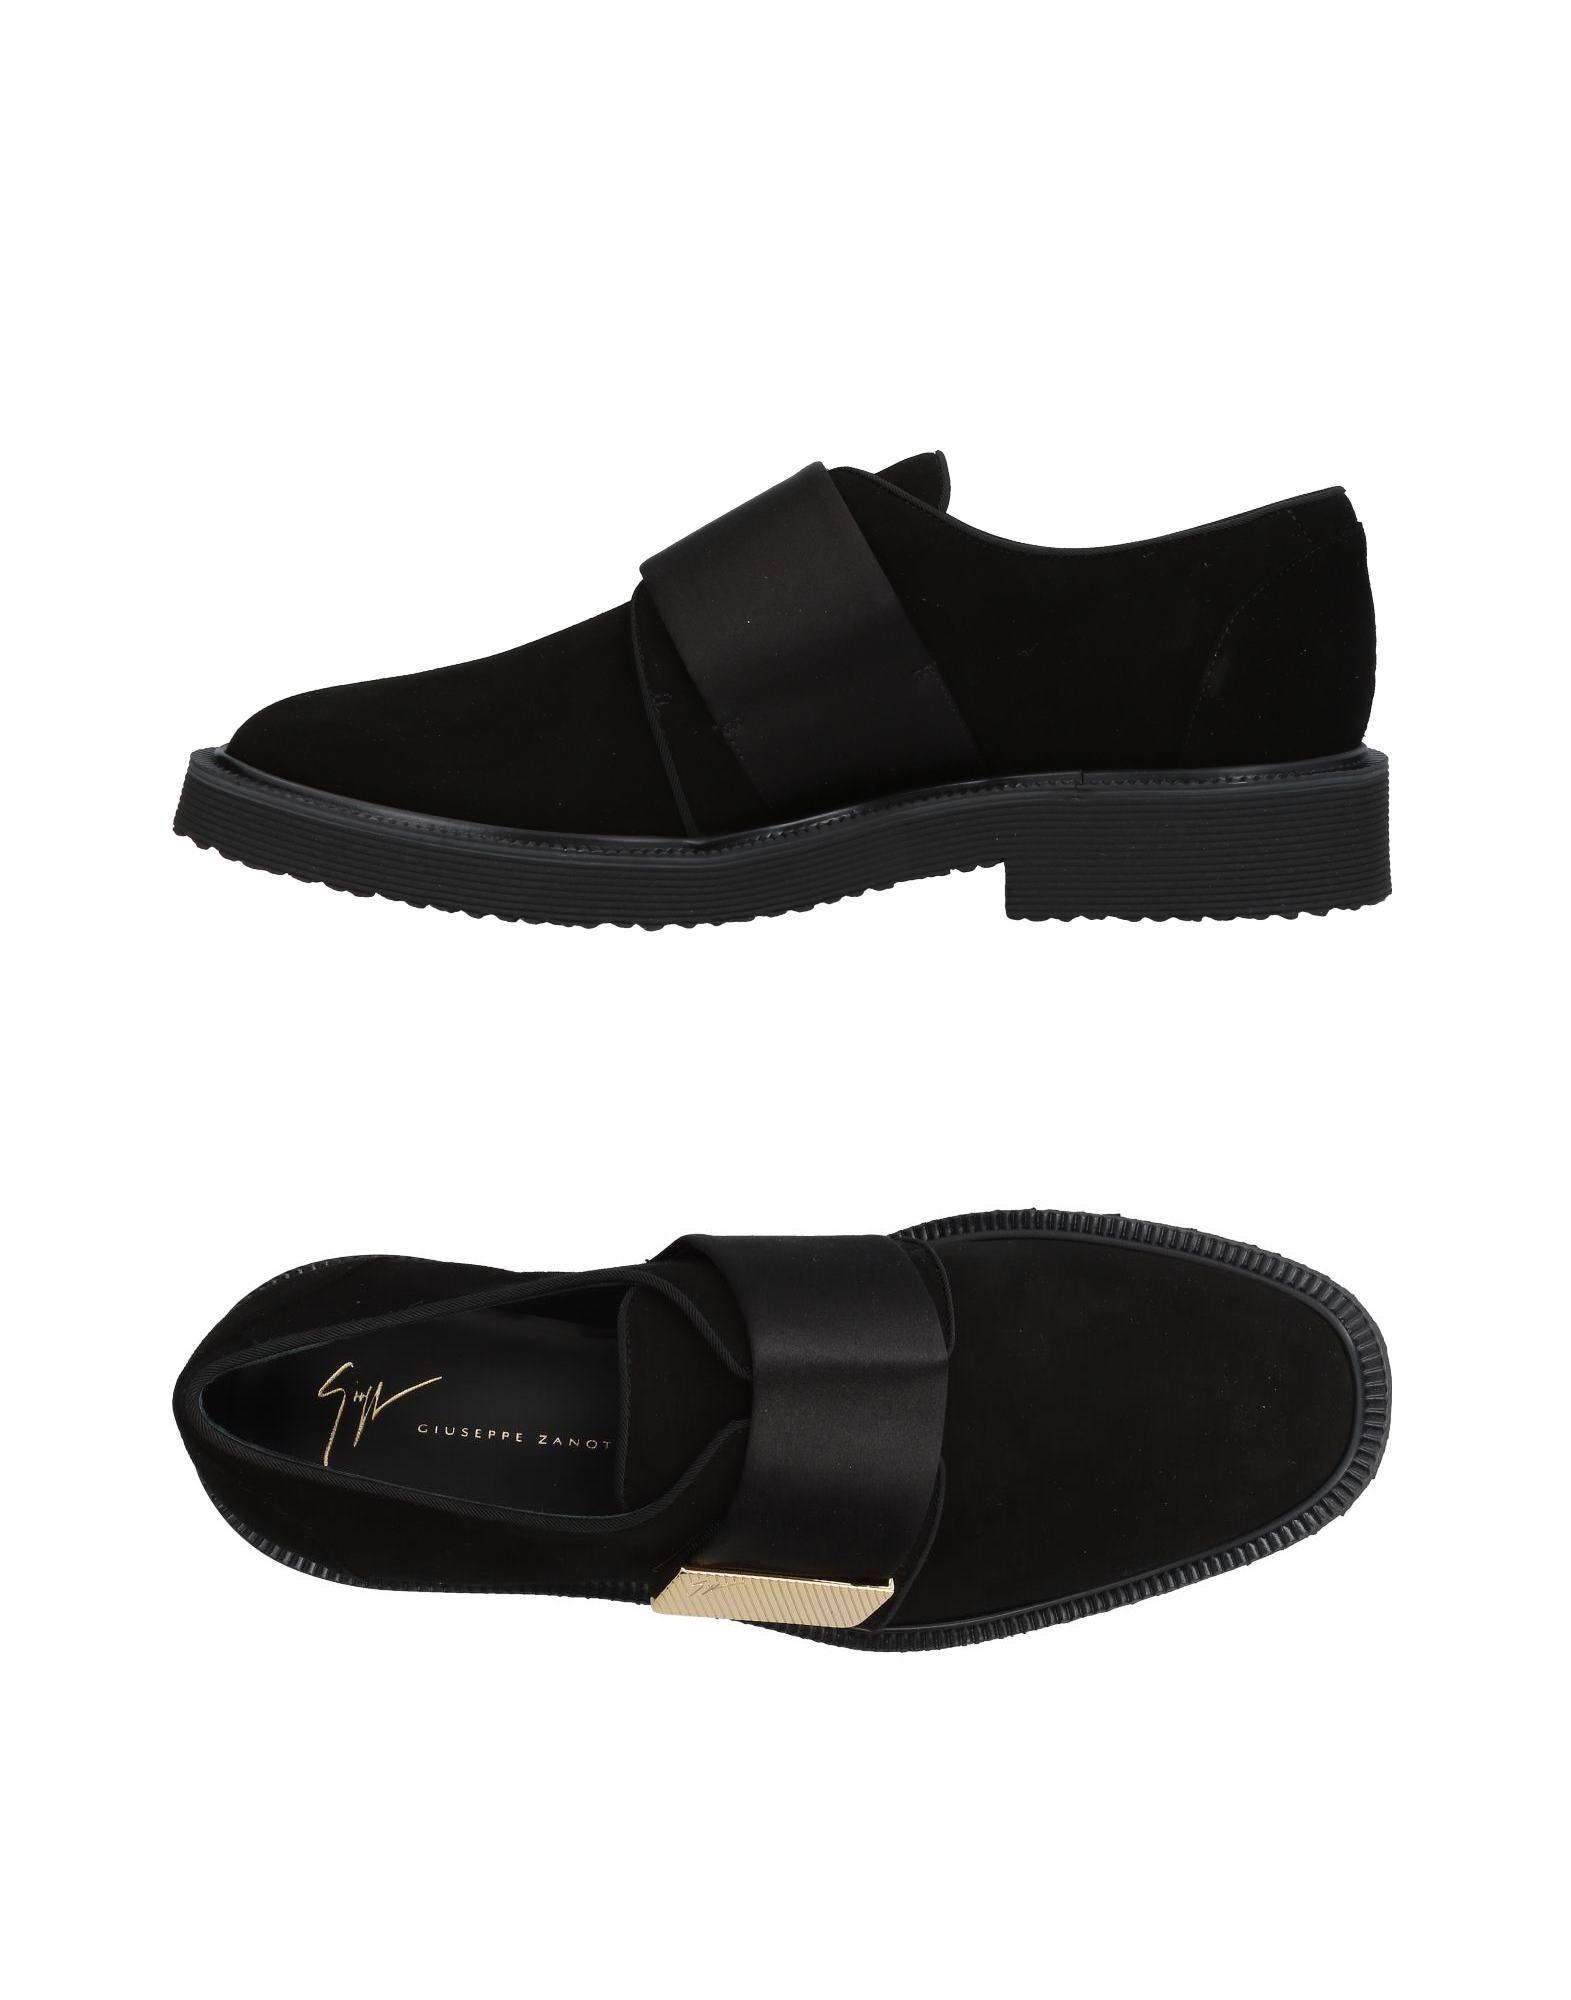 Giuseppe Zanotti Mokassins Herren  11447655EH Gute Qualität beliebte Schuhe